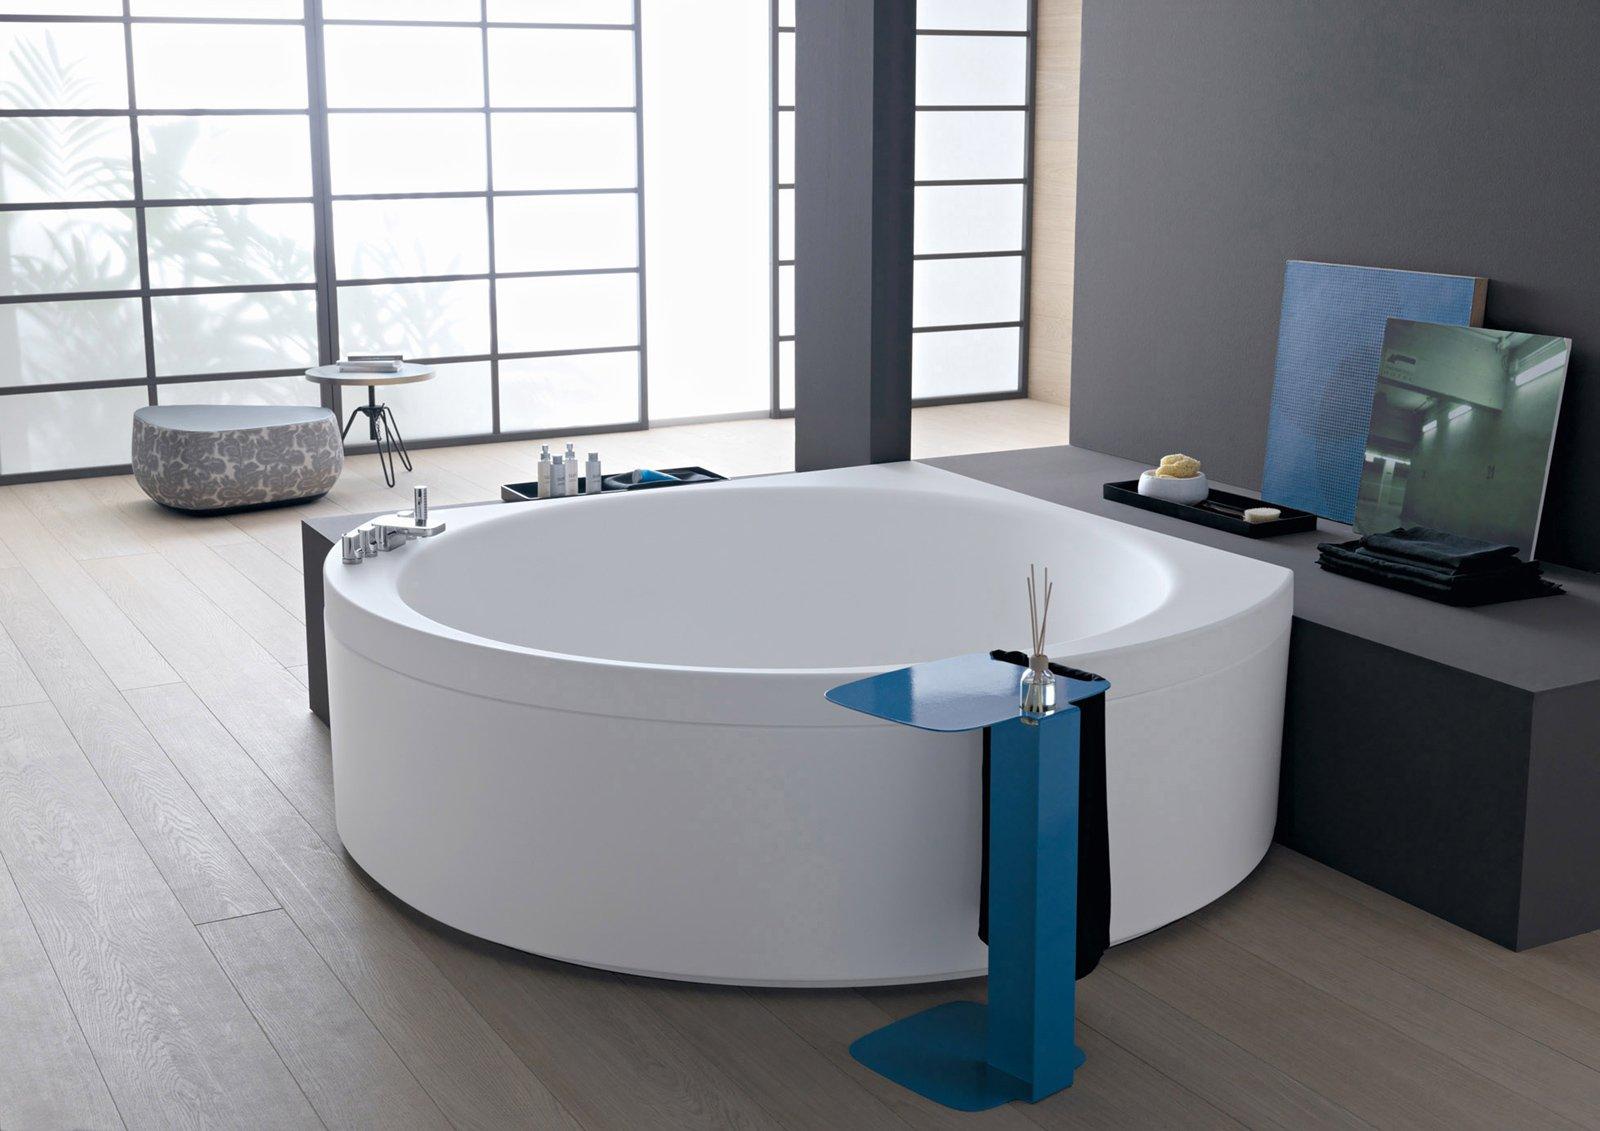 Bagno come attrezzarlo per il tuo benessere cose di casa - Vasche da bagno su misura ...